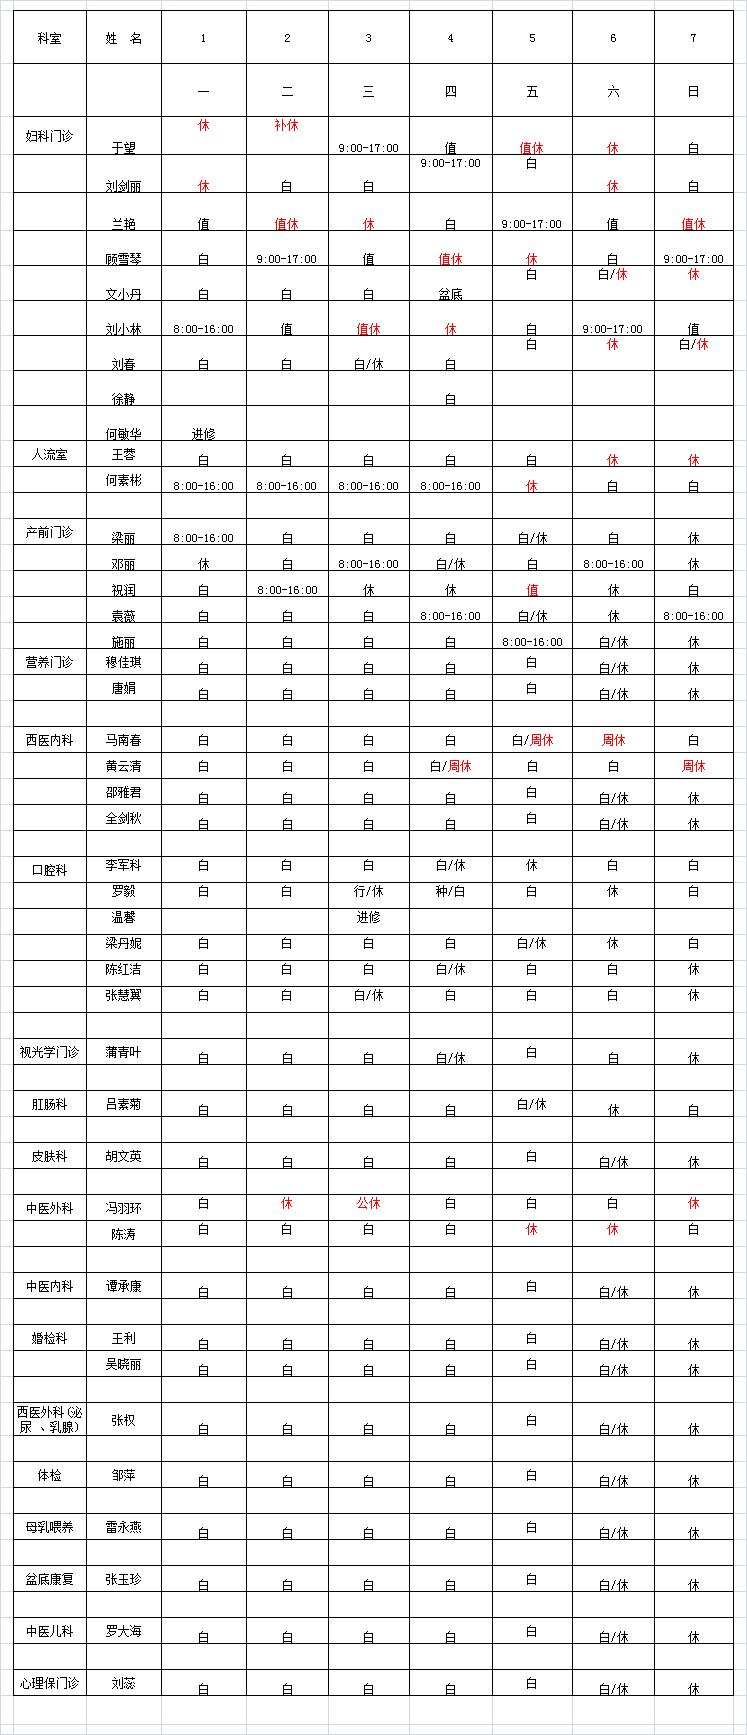 2021年3月门诊医生排班表